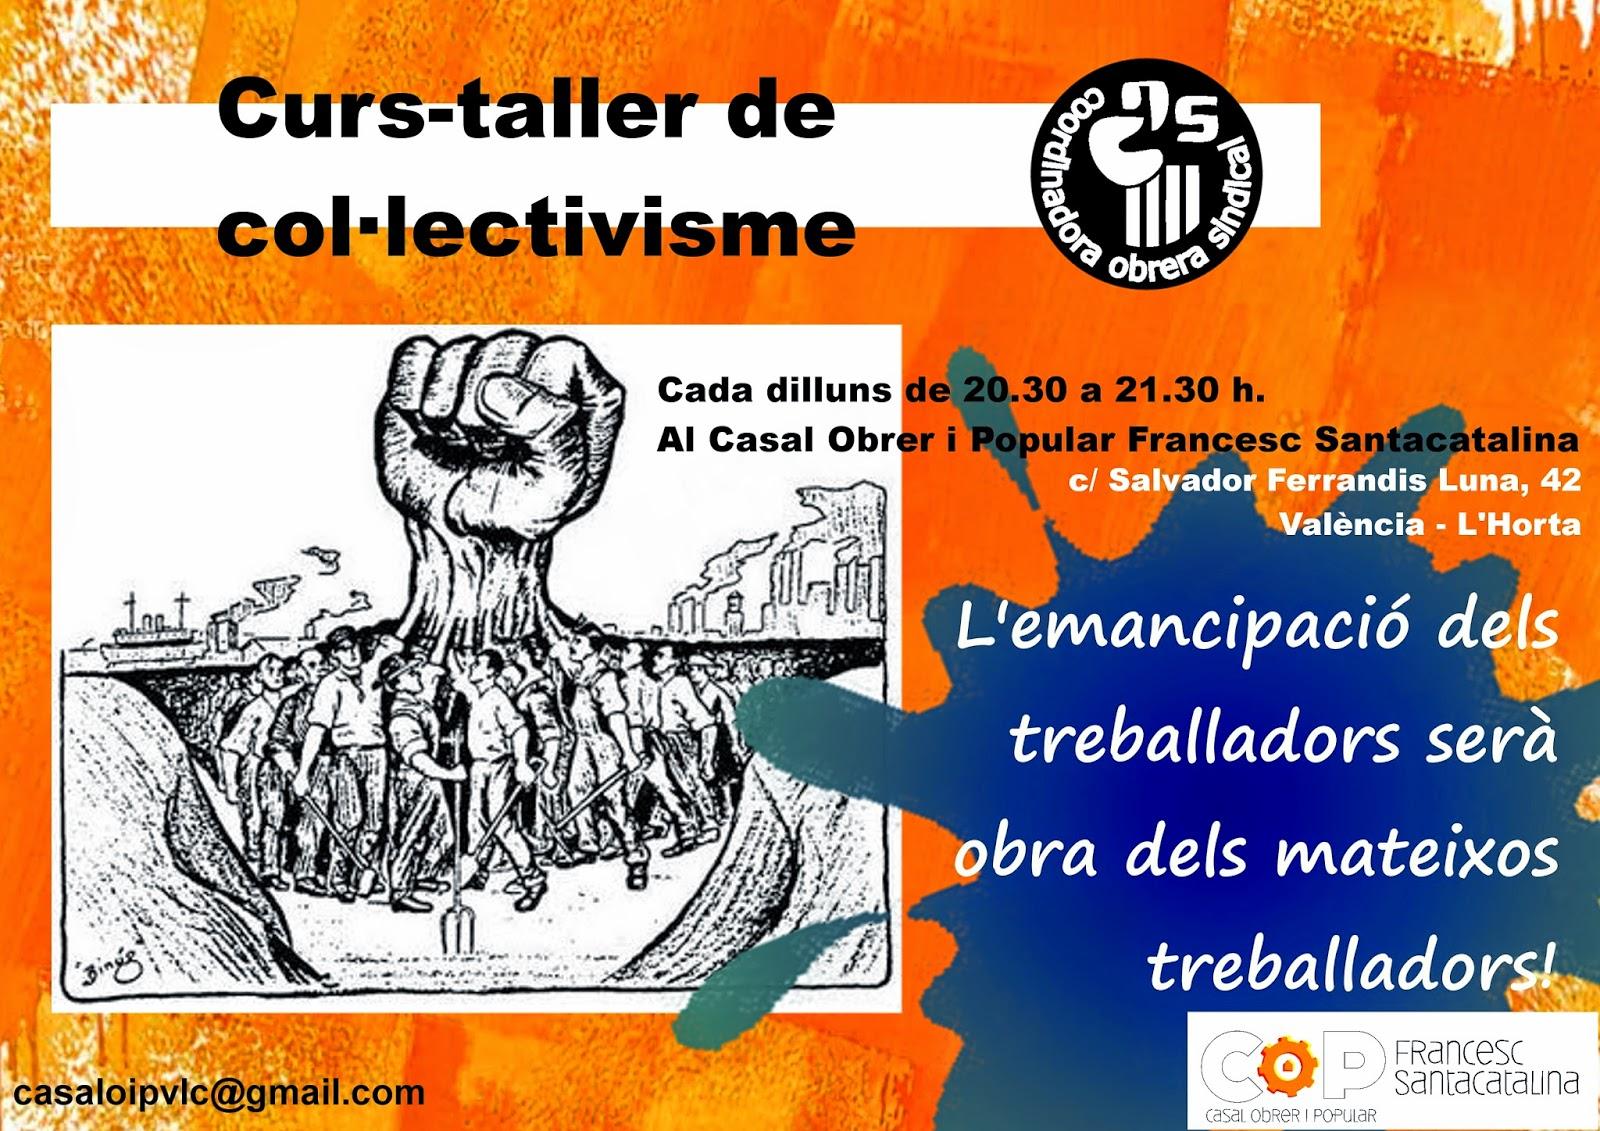 Curs-taller de col.lectivisme